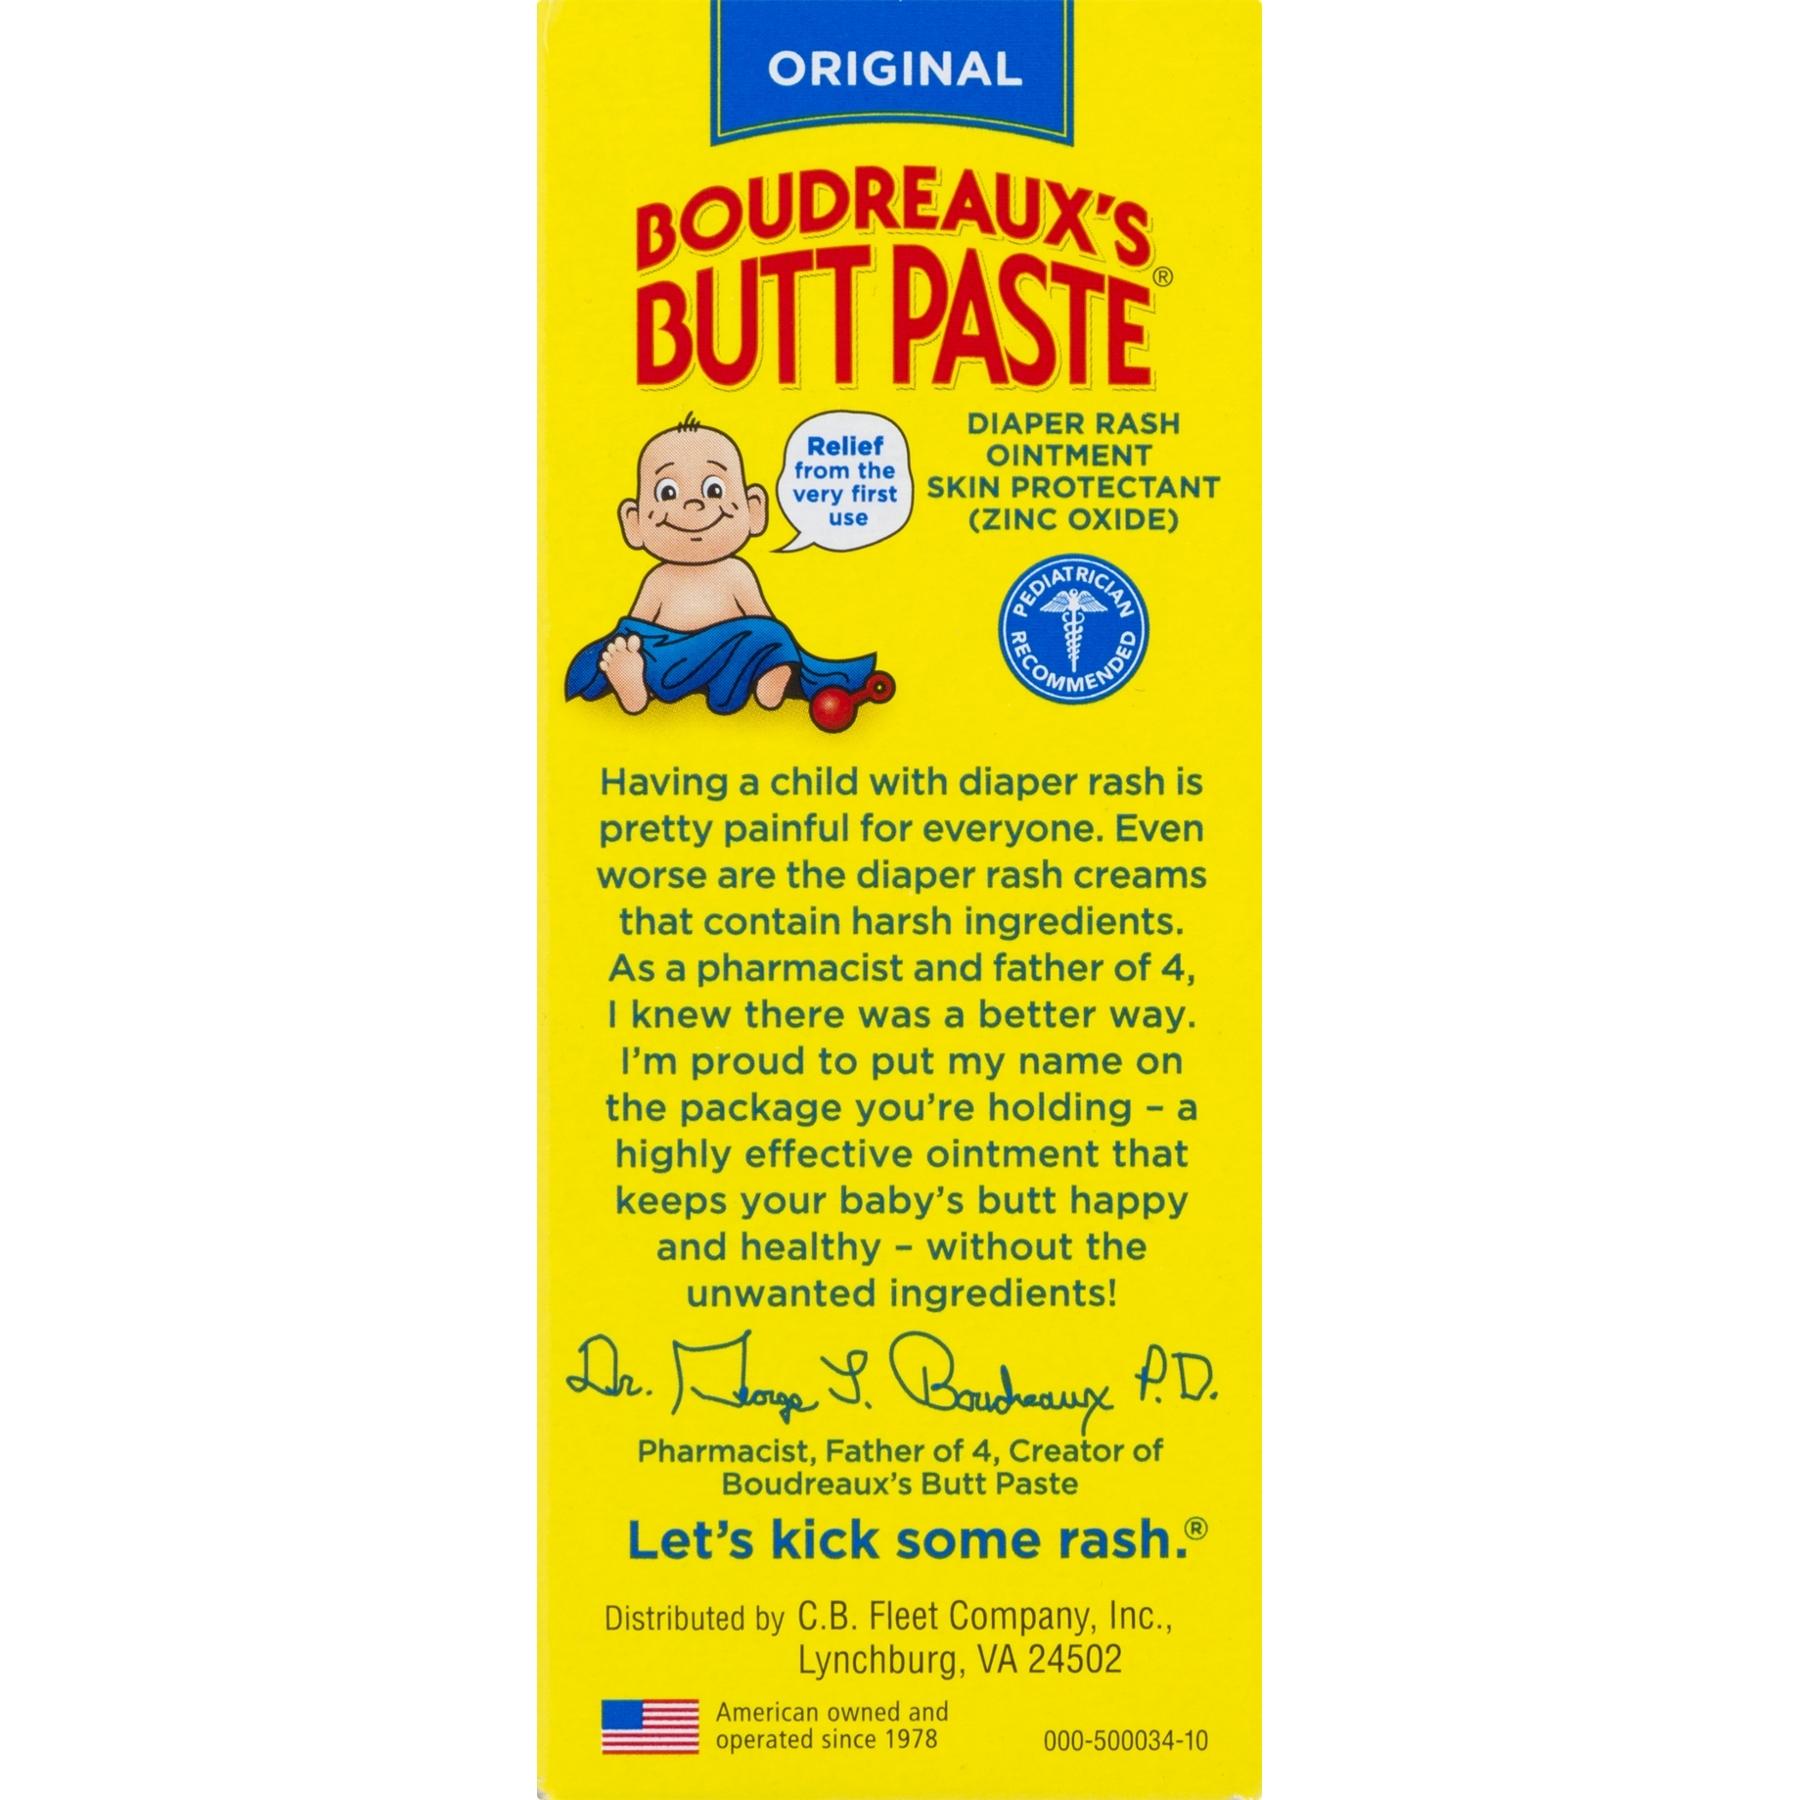 Boudreaux S Butt Paste Ingredients